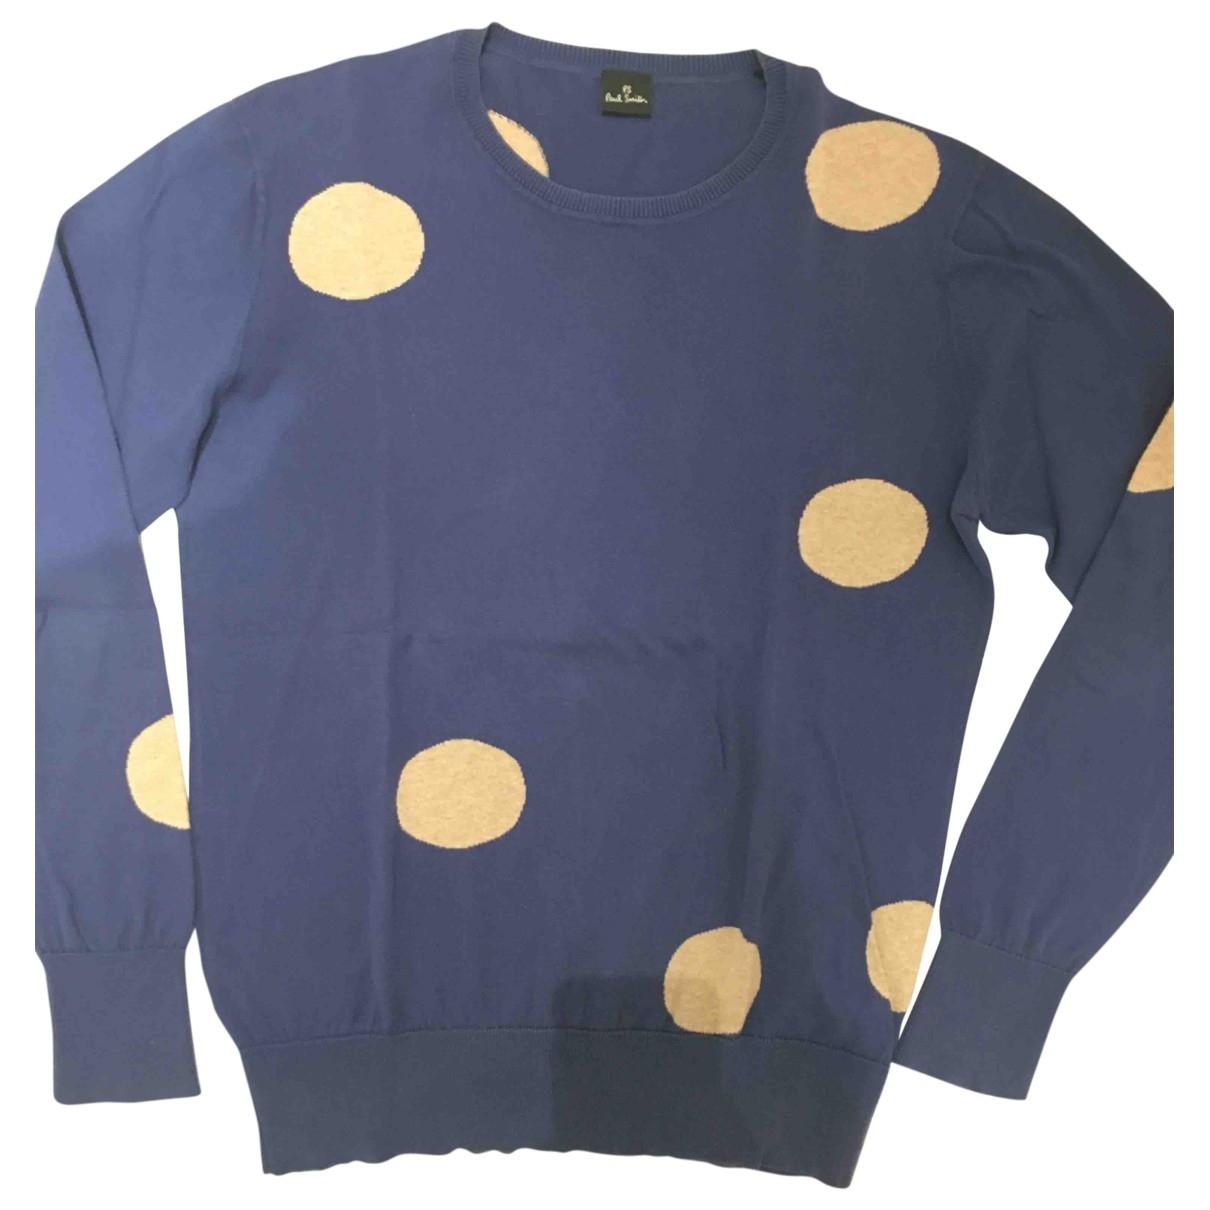 Paul Smith \N Blue Cotton Knitwear & Sweatshirts for Men S International